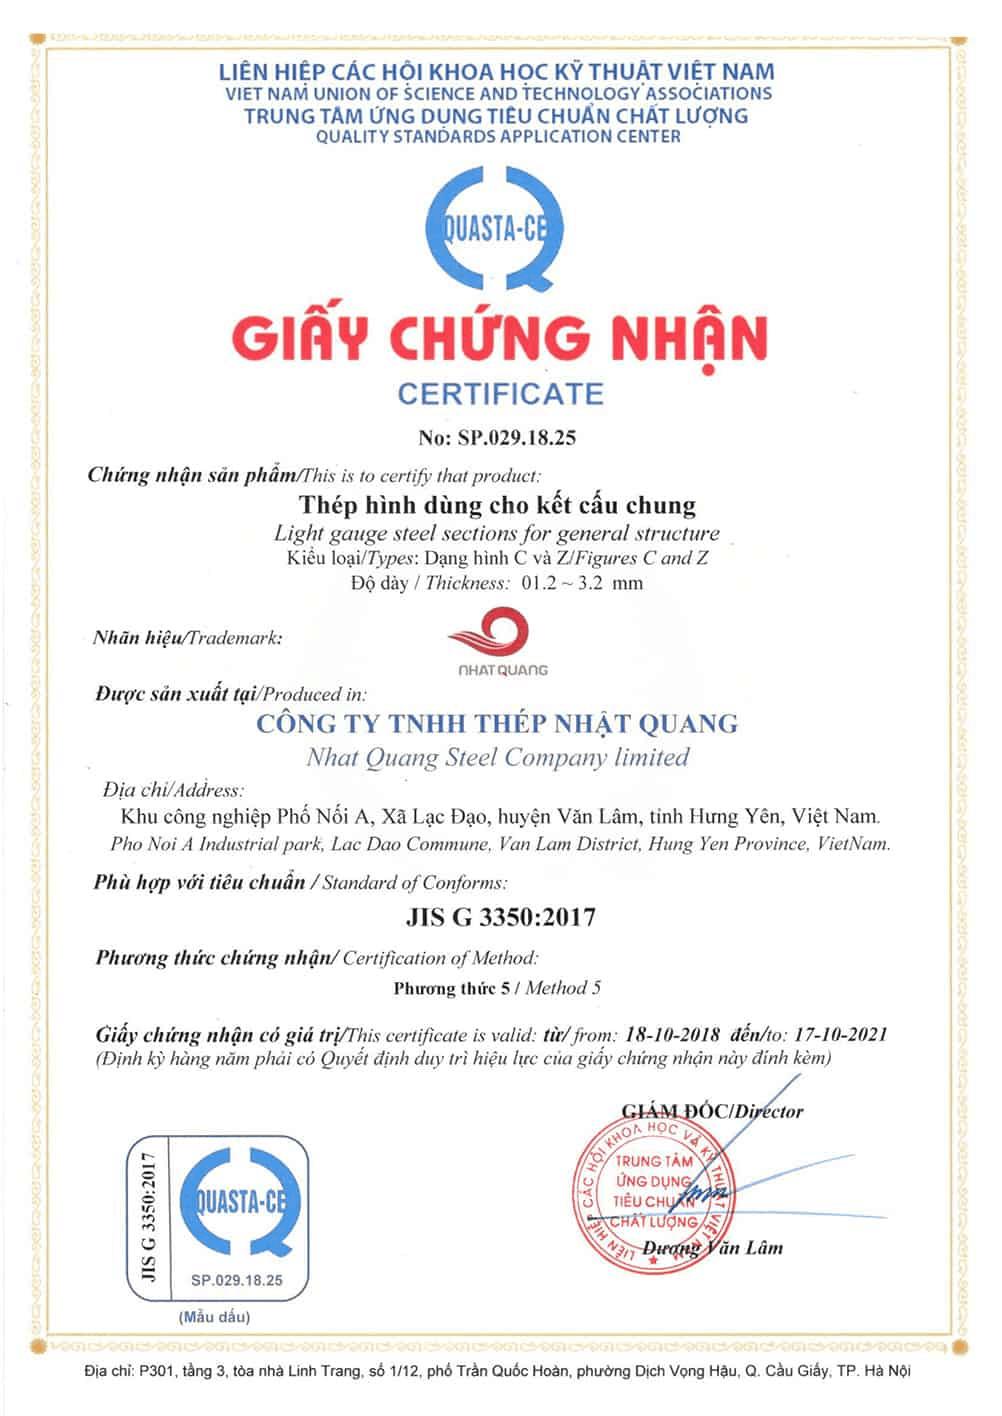 Chứng nhận đạt tiêu chuẩn chất lượng JIS G 3350:2017